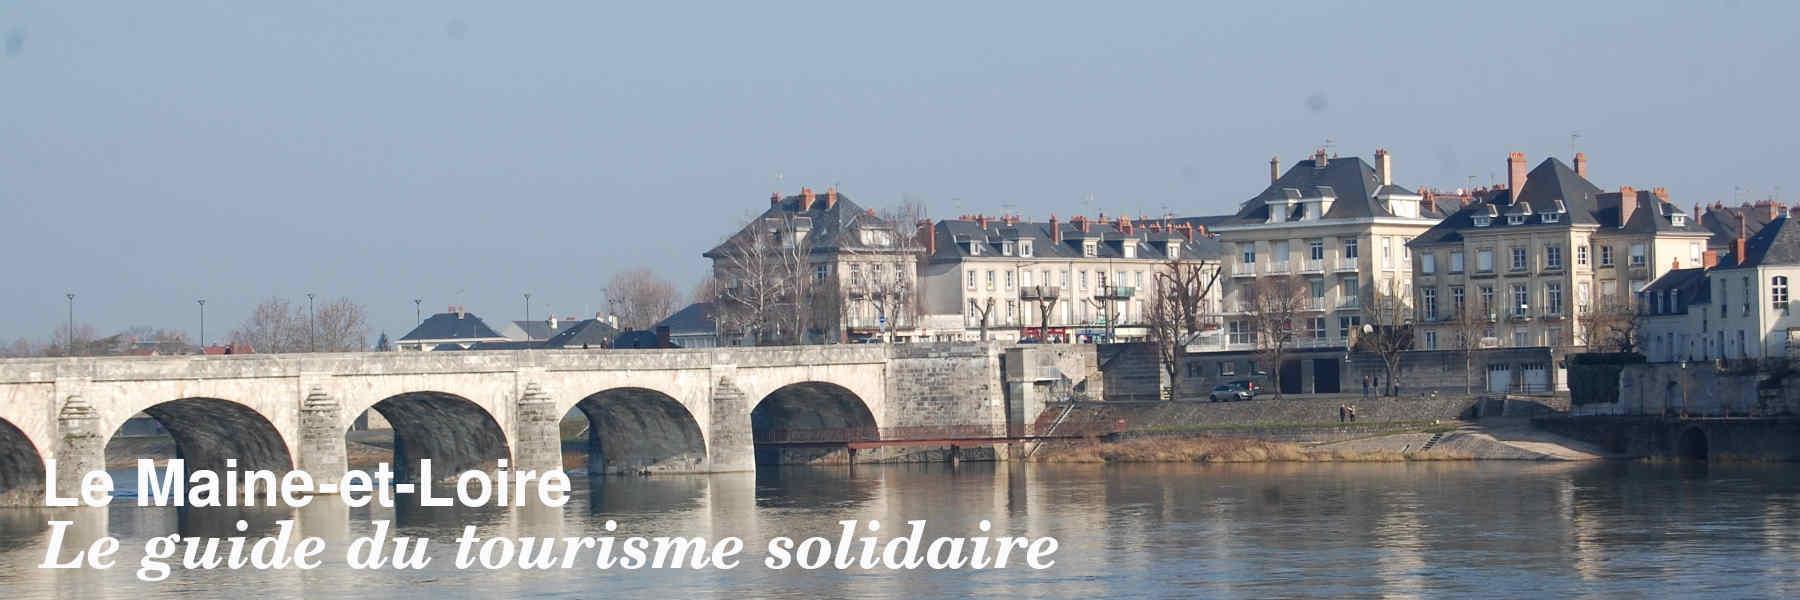 Le guide du tourisme solidaire en Maine-et-Loire